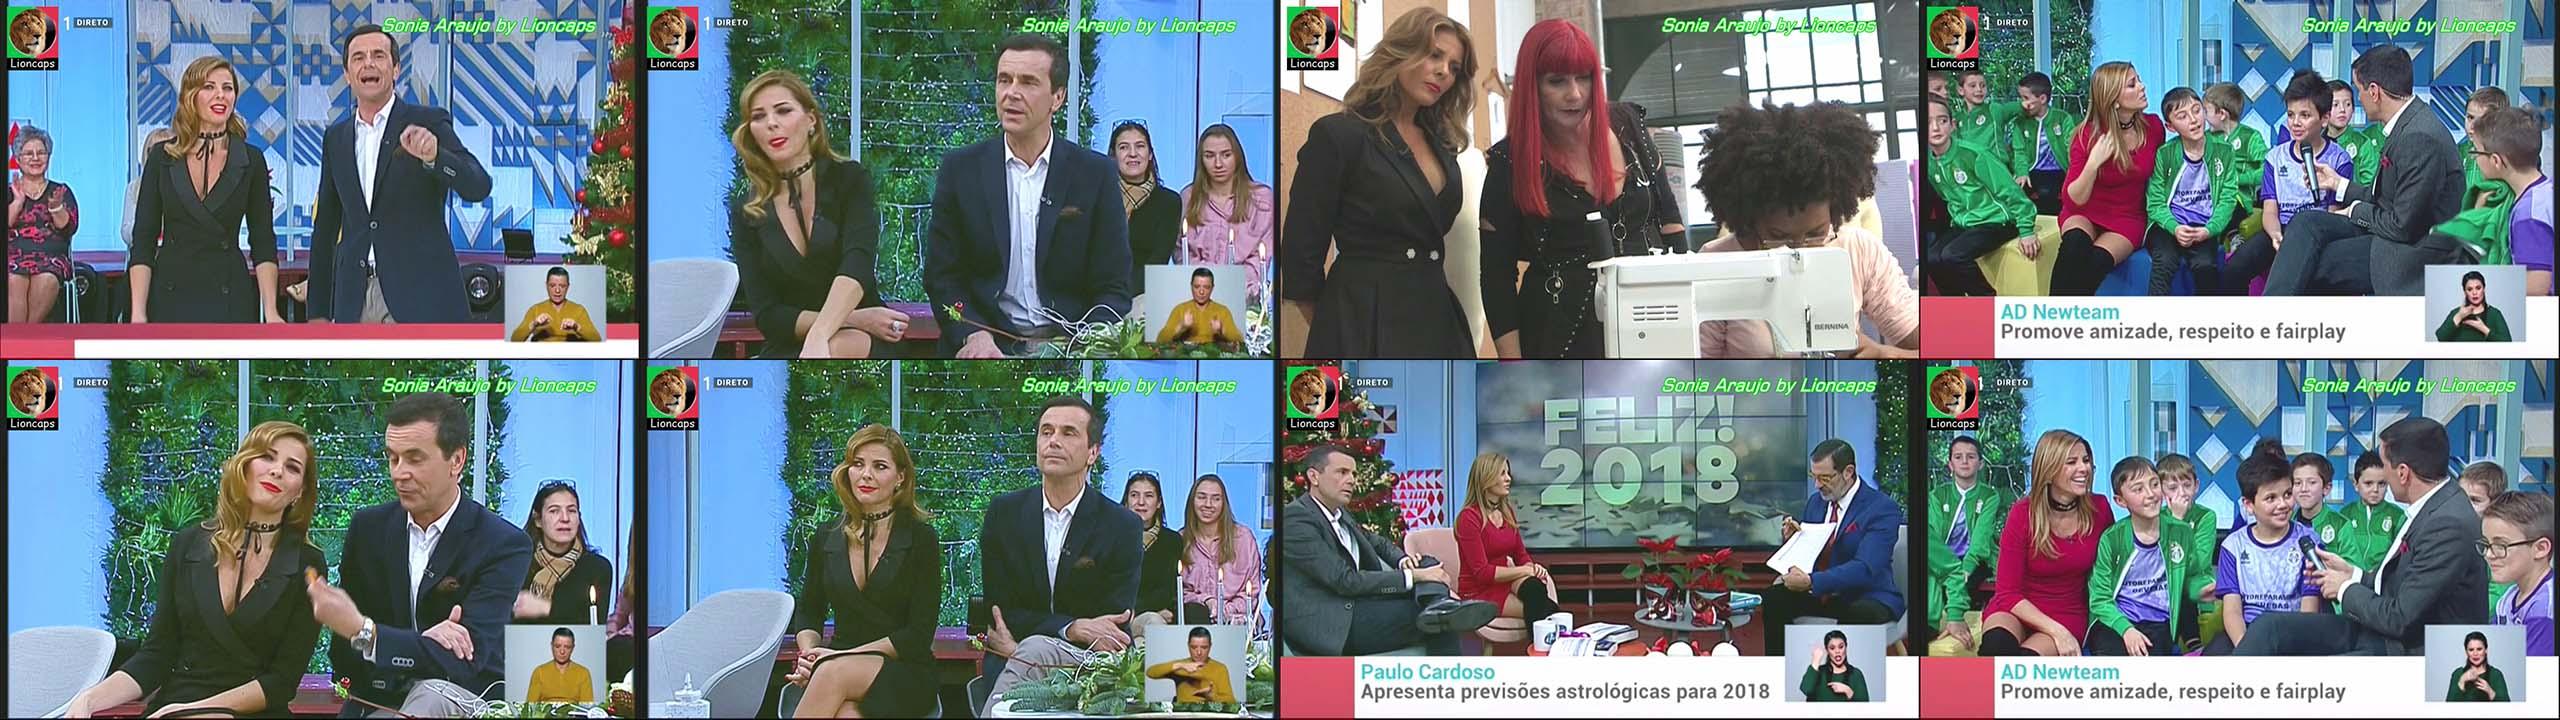 586436092_sonia_araujo_1080_lioncaps_07_01_2018_09_122_550lo.jpg